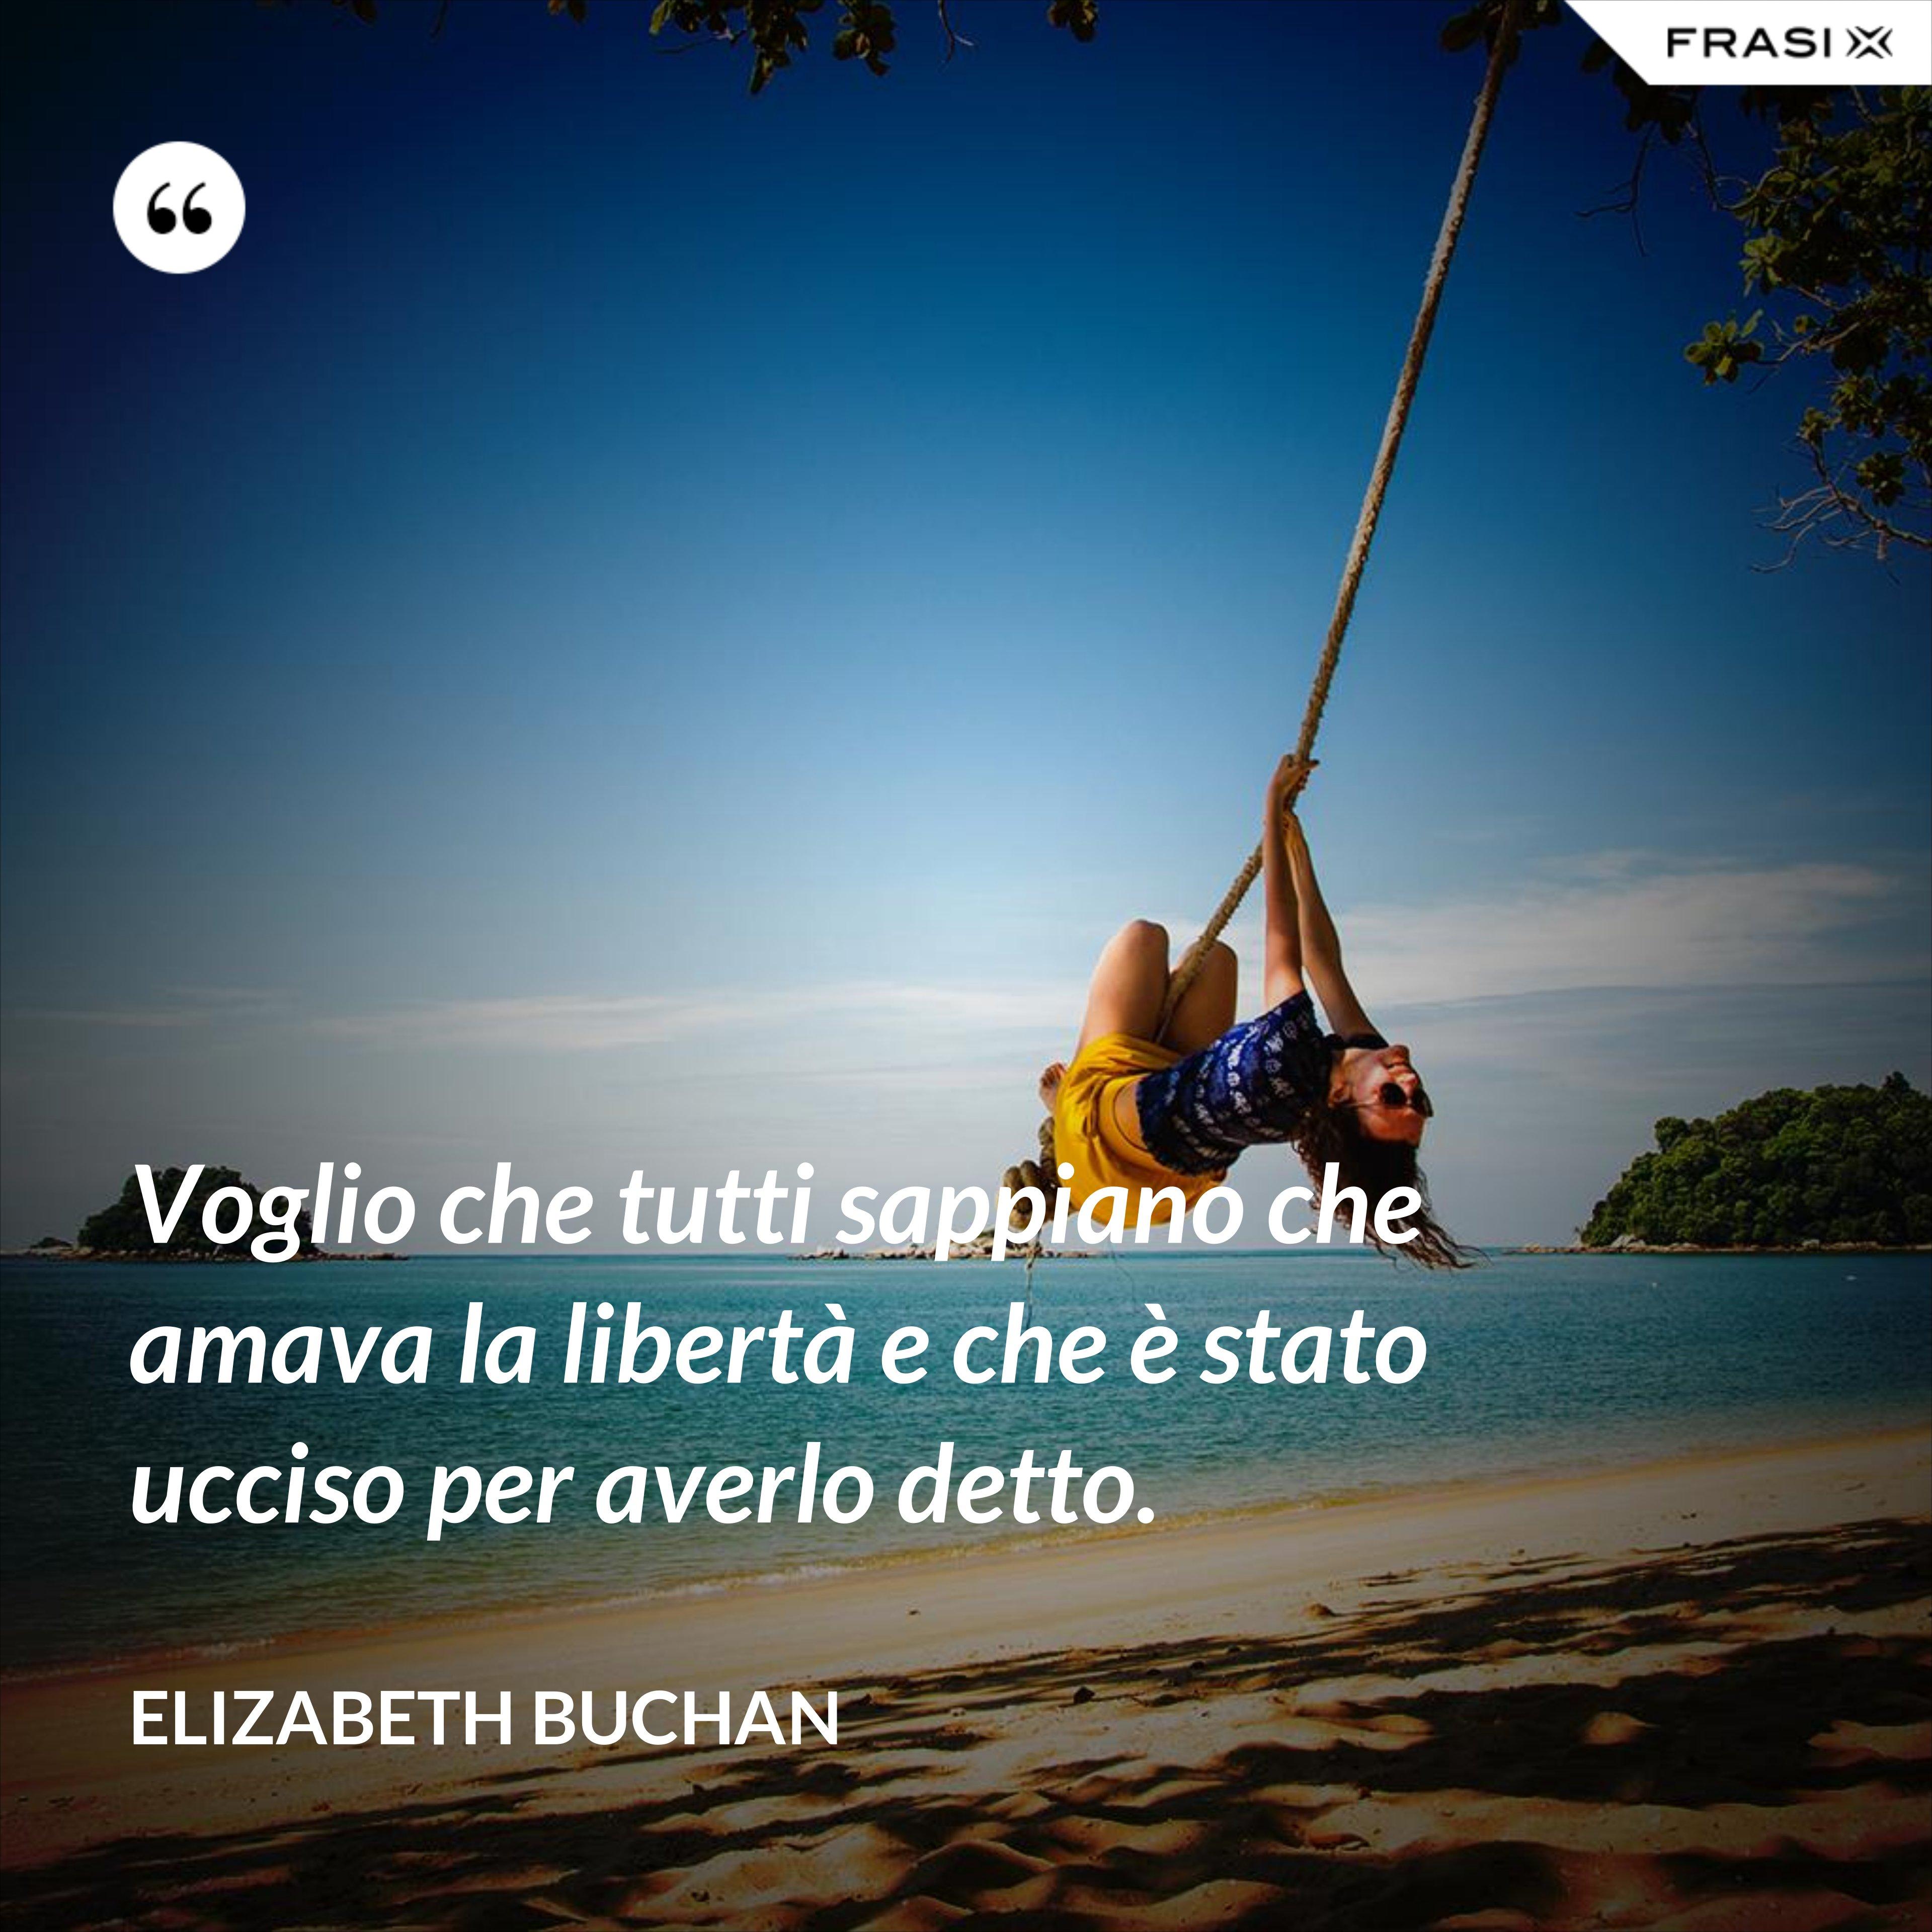 Voglio che tutti sappiano che amava la libertà e che è stato ucciso per averlo detto. - Elizabeth Buchan